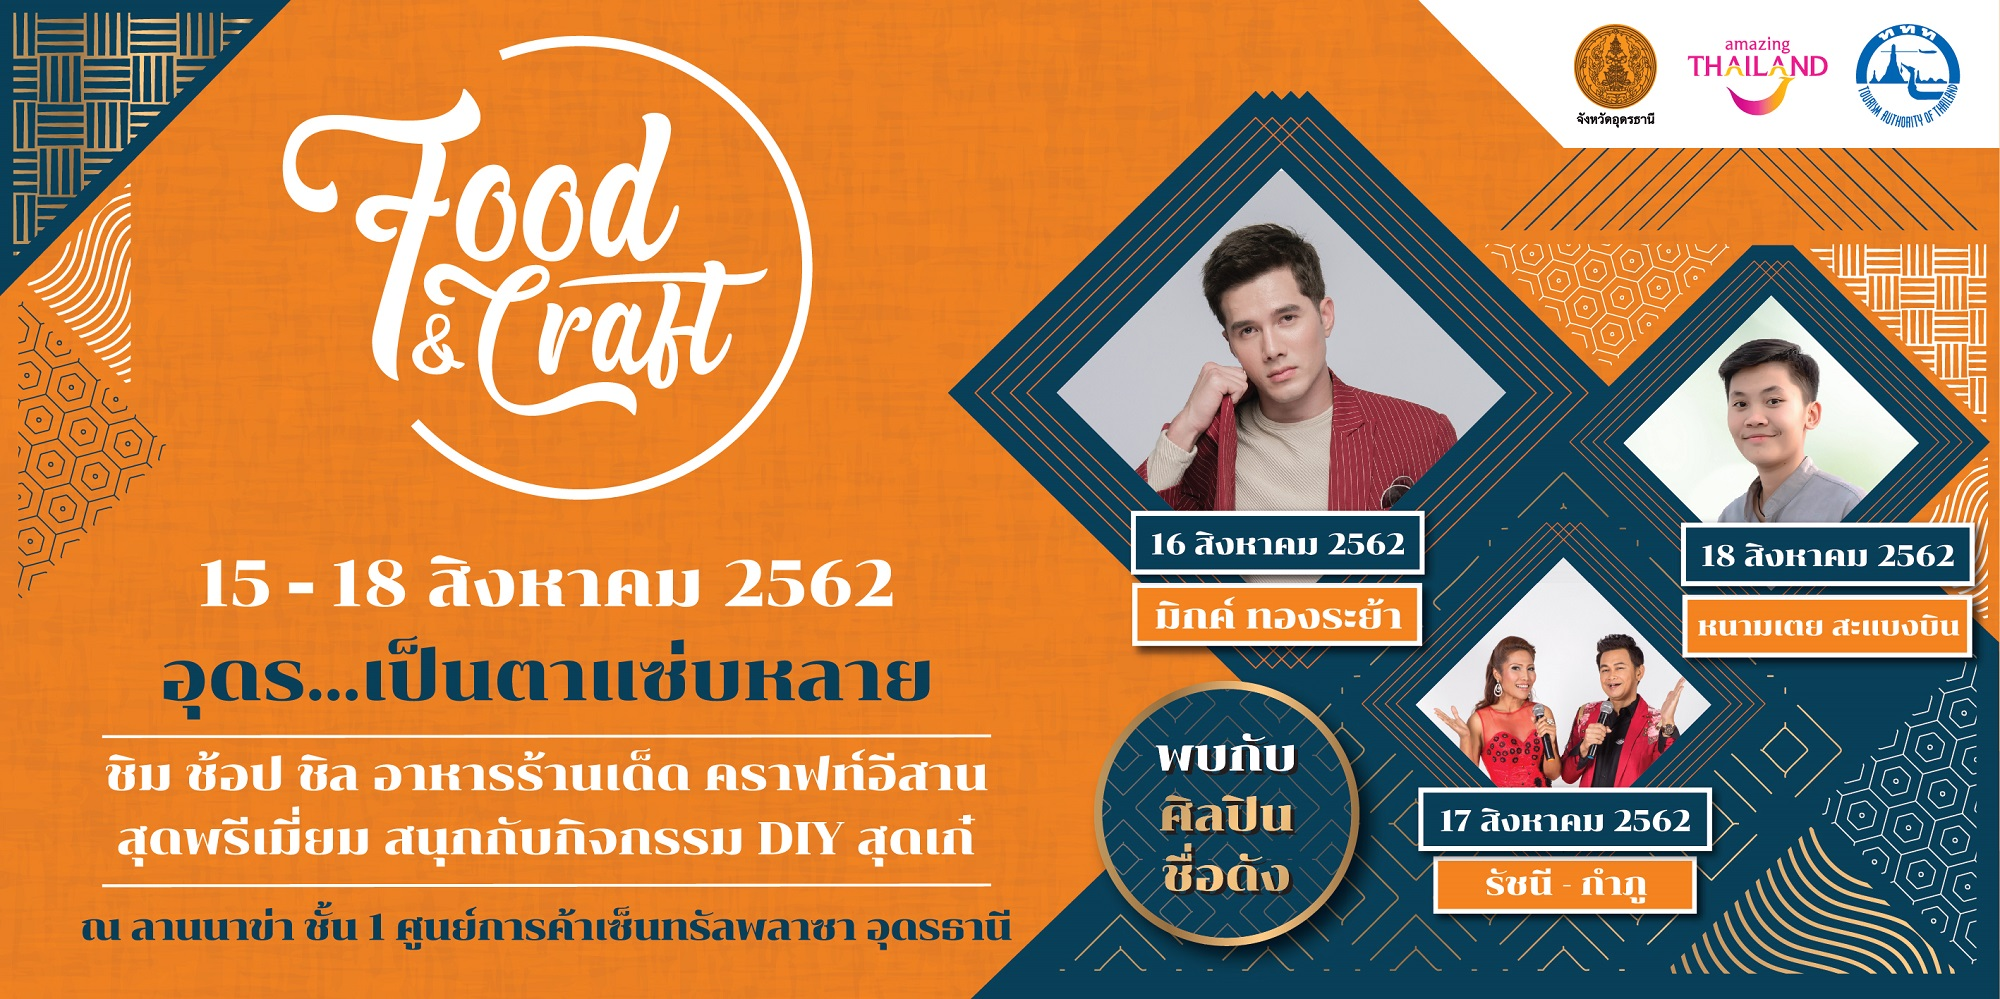 """ททท. ชวนสัมผัส """"Modern Isan"""" ในงาน """"Food & Craft @ Udon Thani"""" 13 -"""